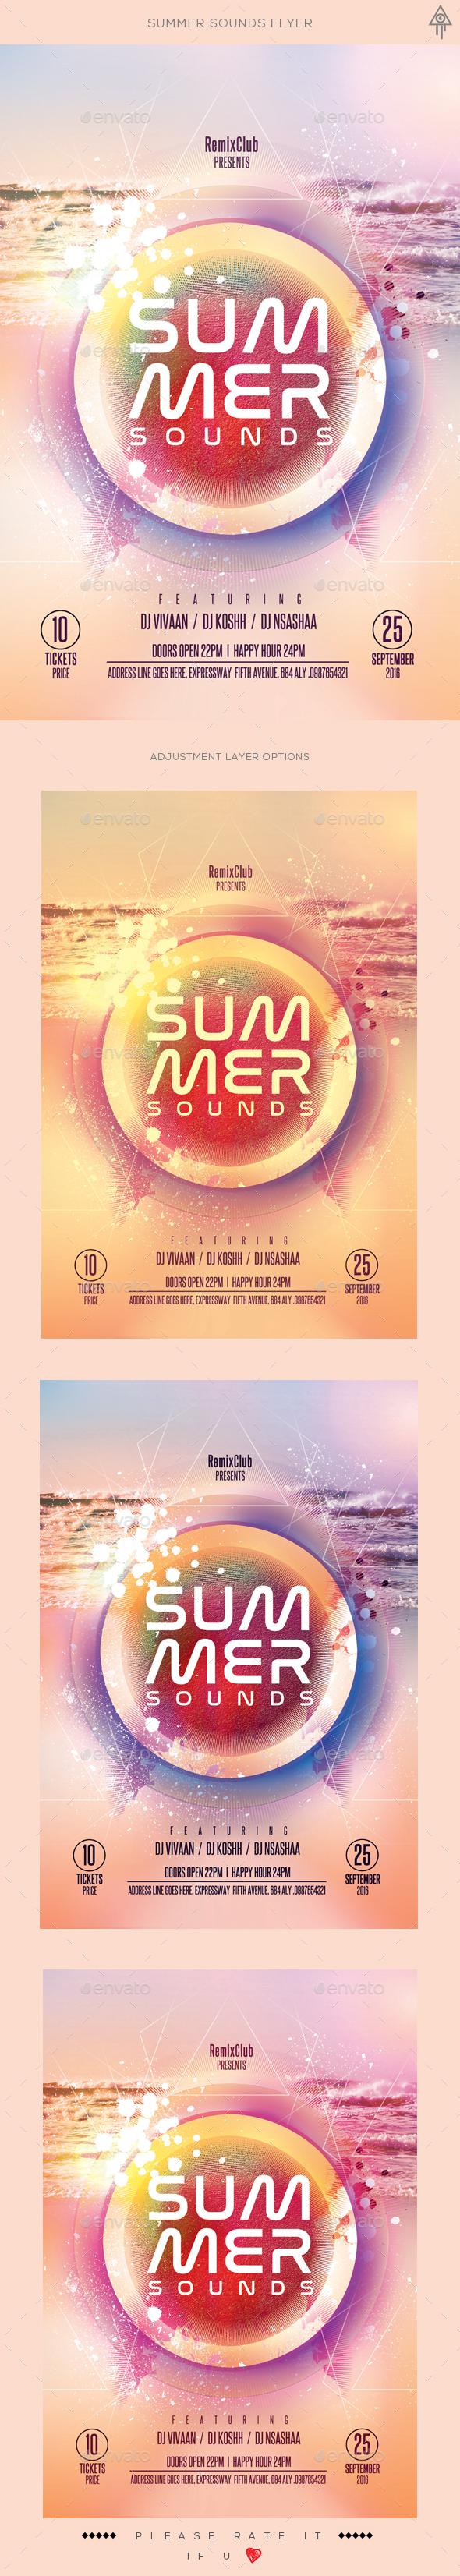 Summer Sounds Flyer